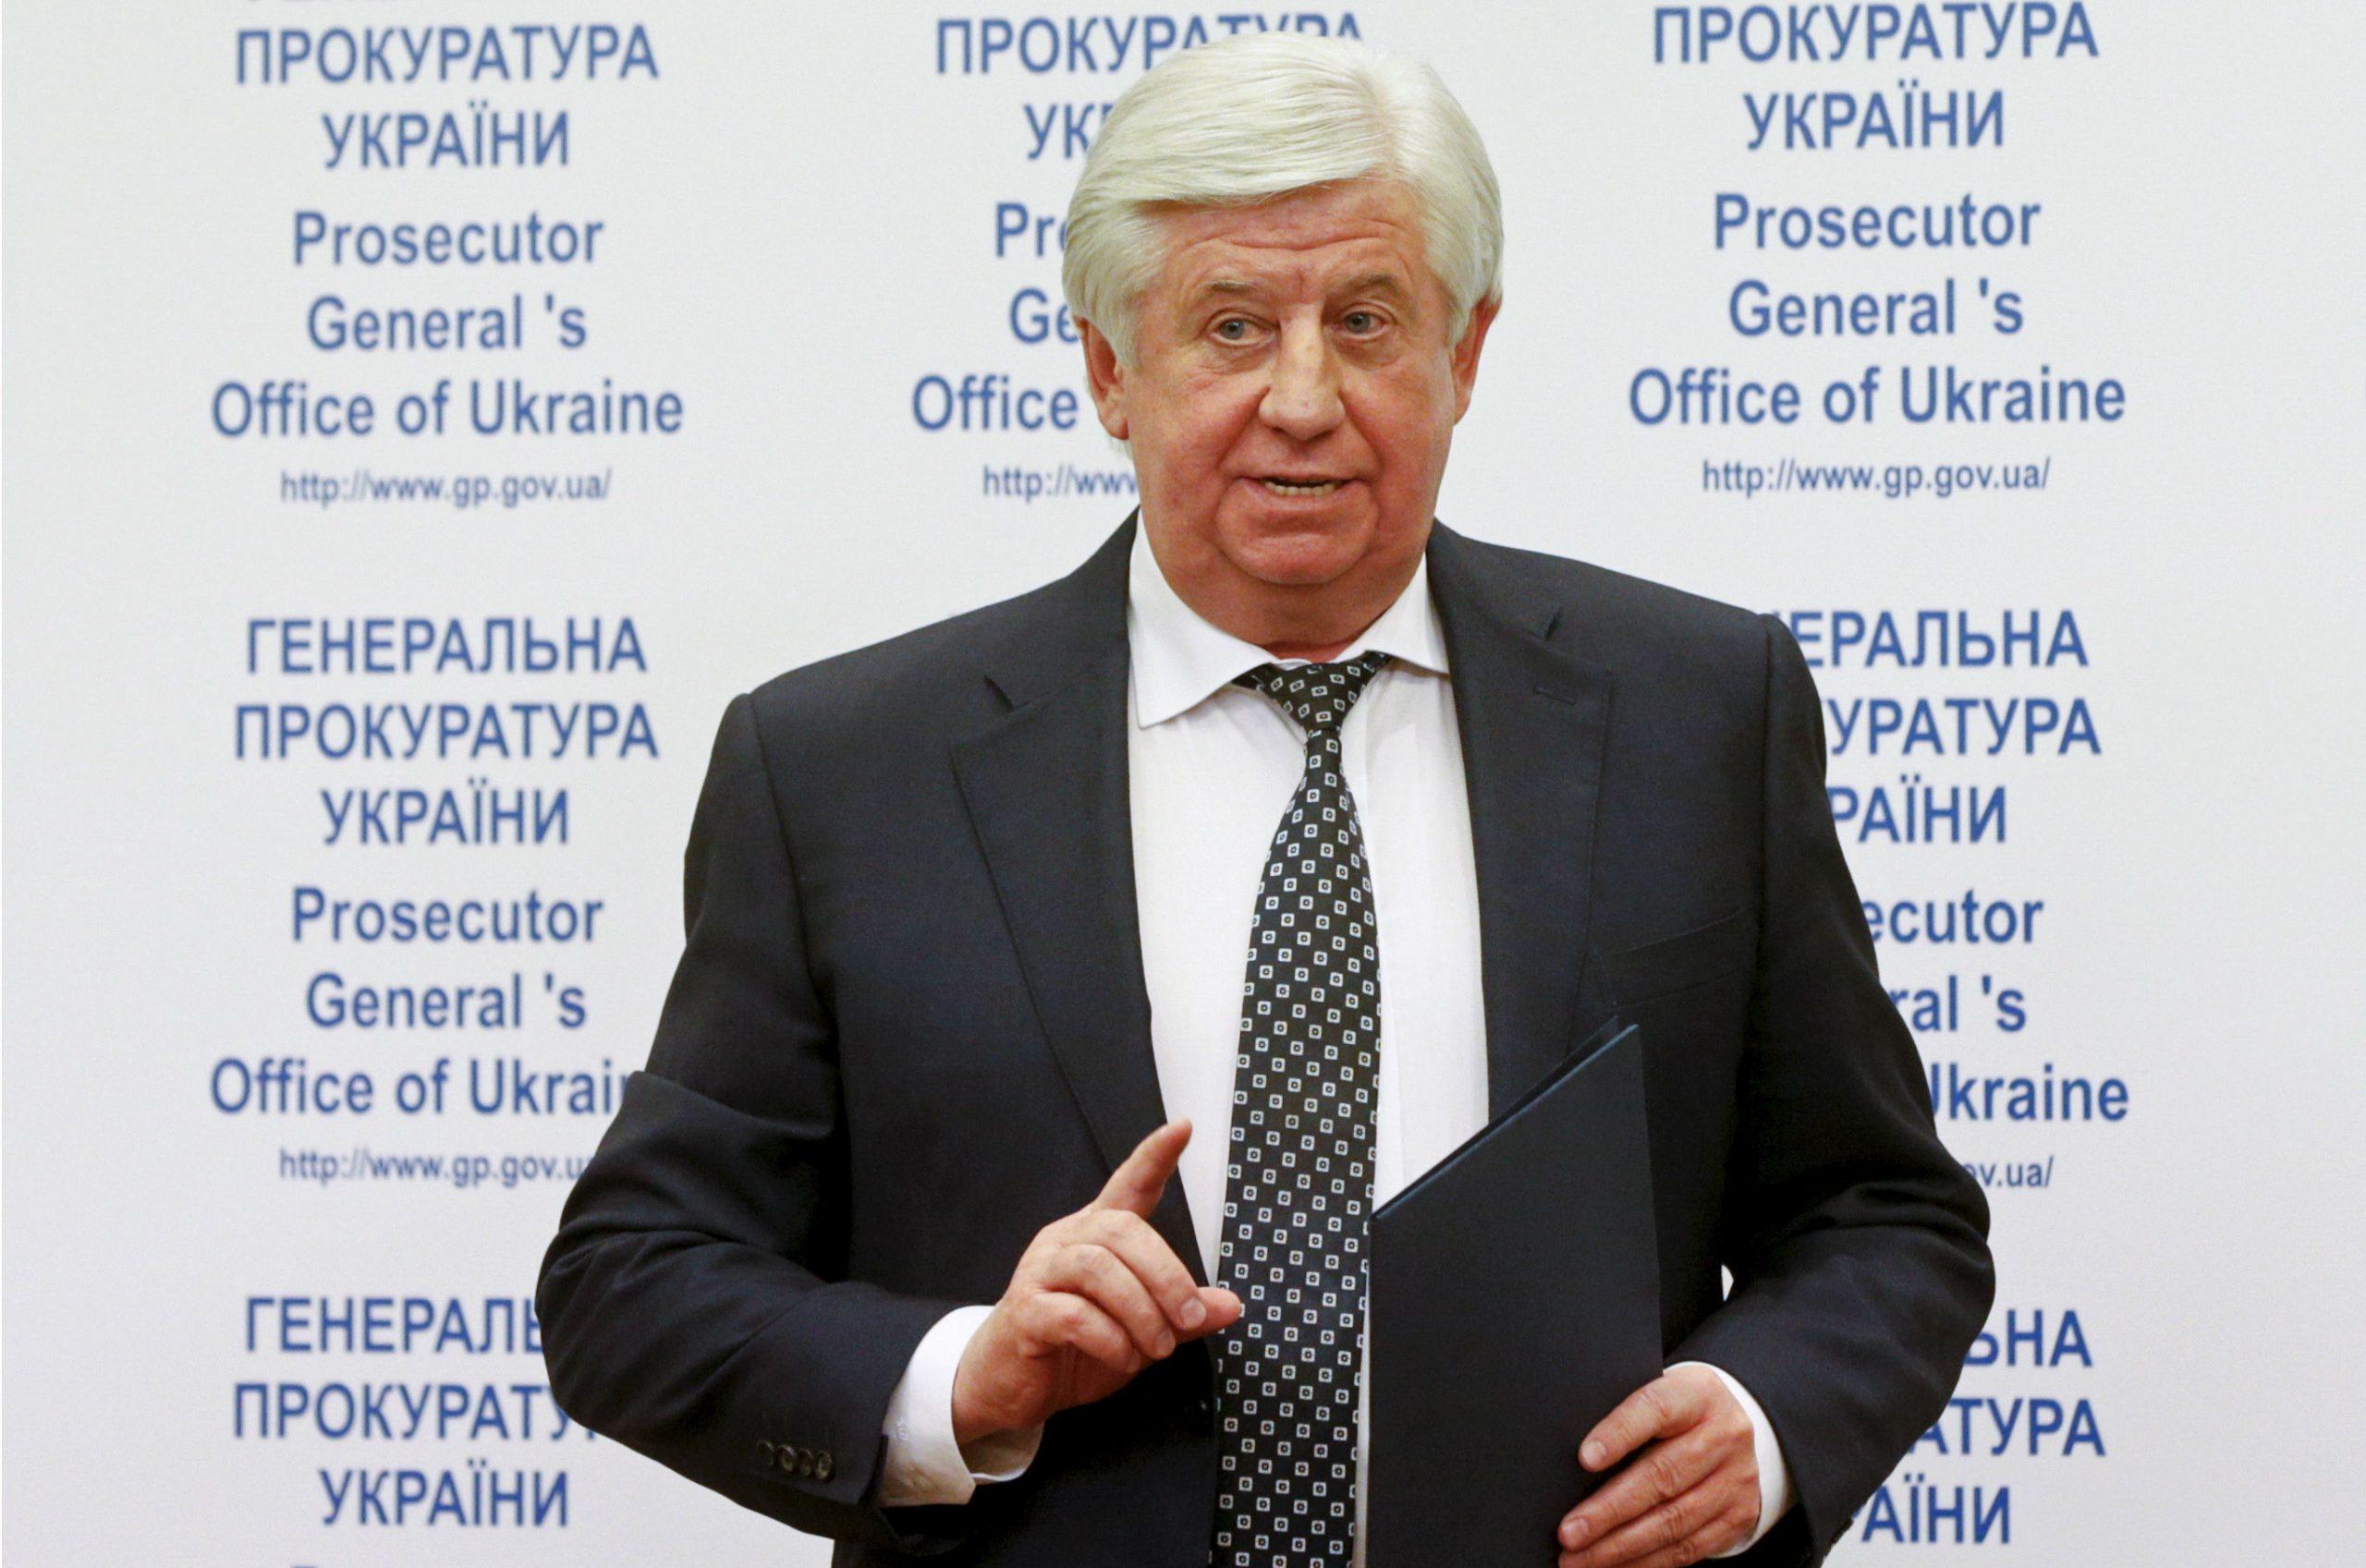 Viktor Shokin